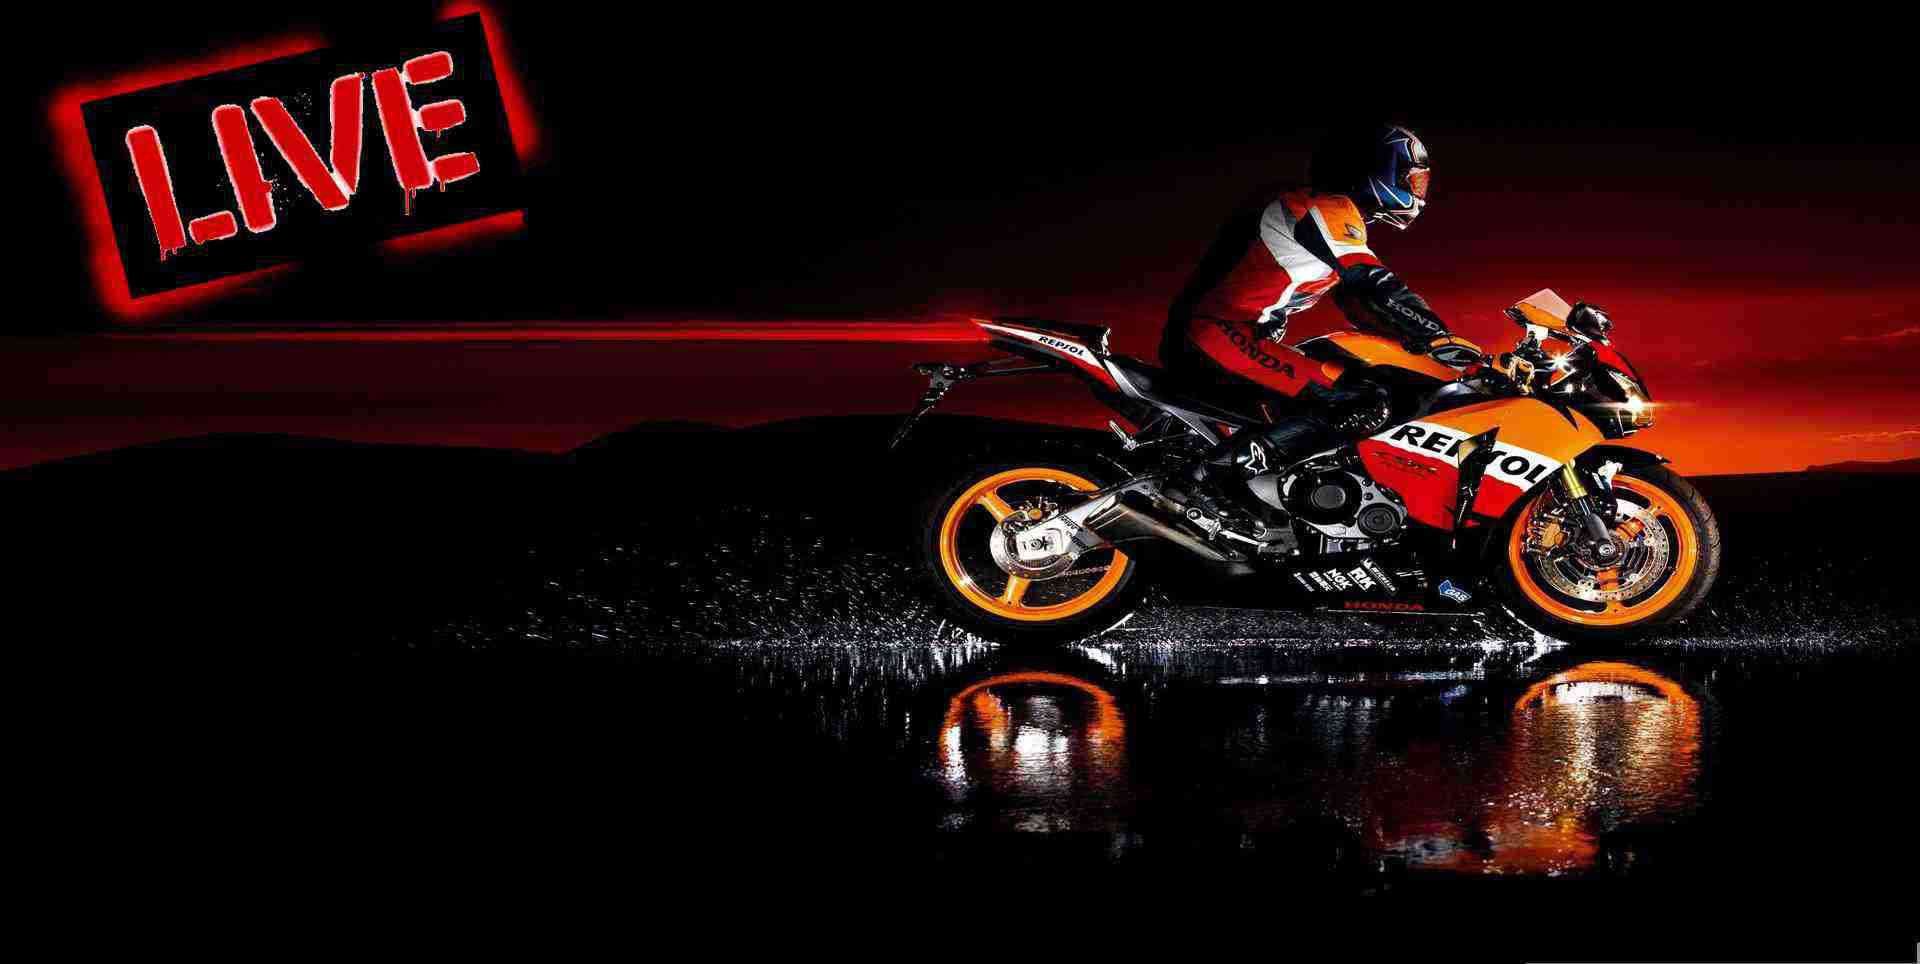 live-2014-dutch-motogp-grand-prix-online